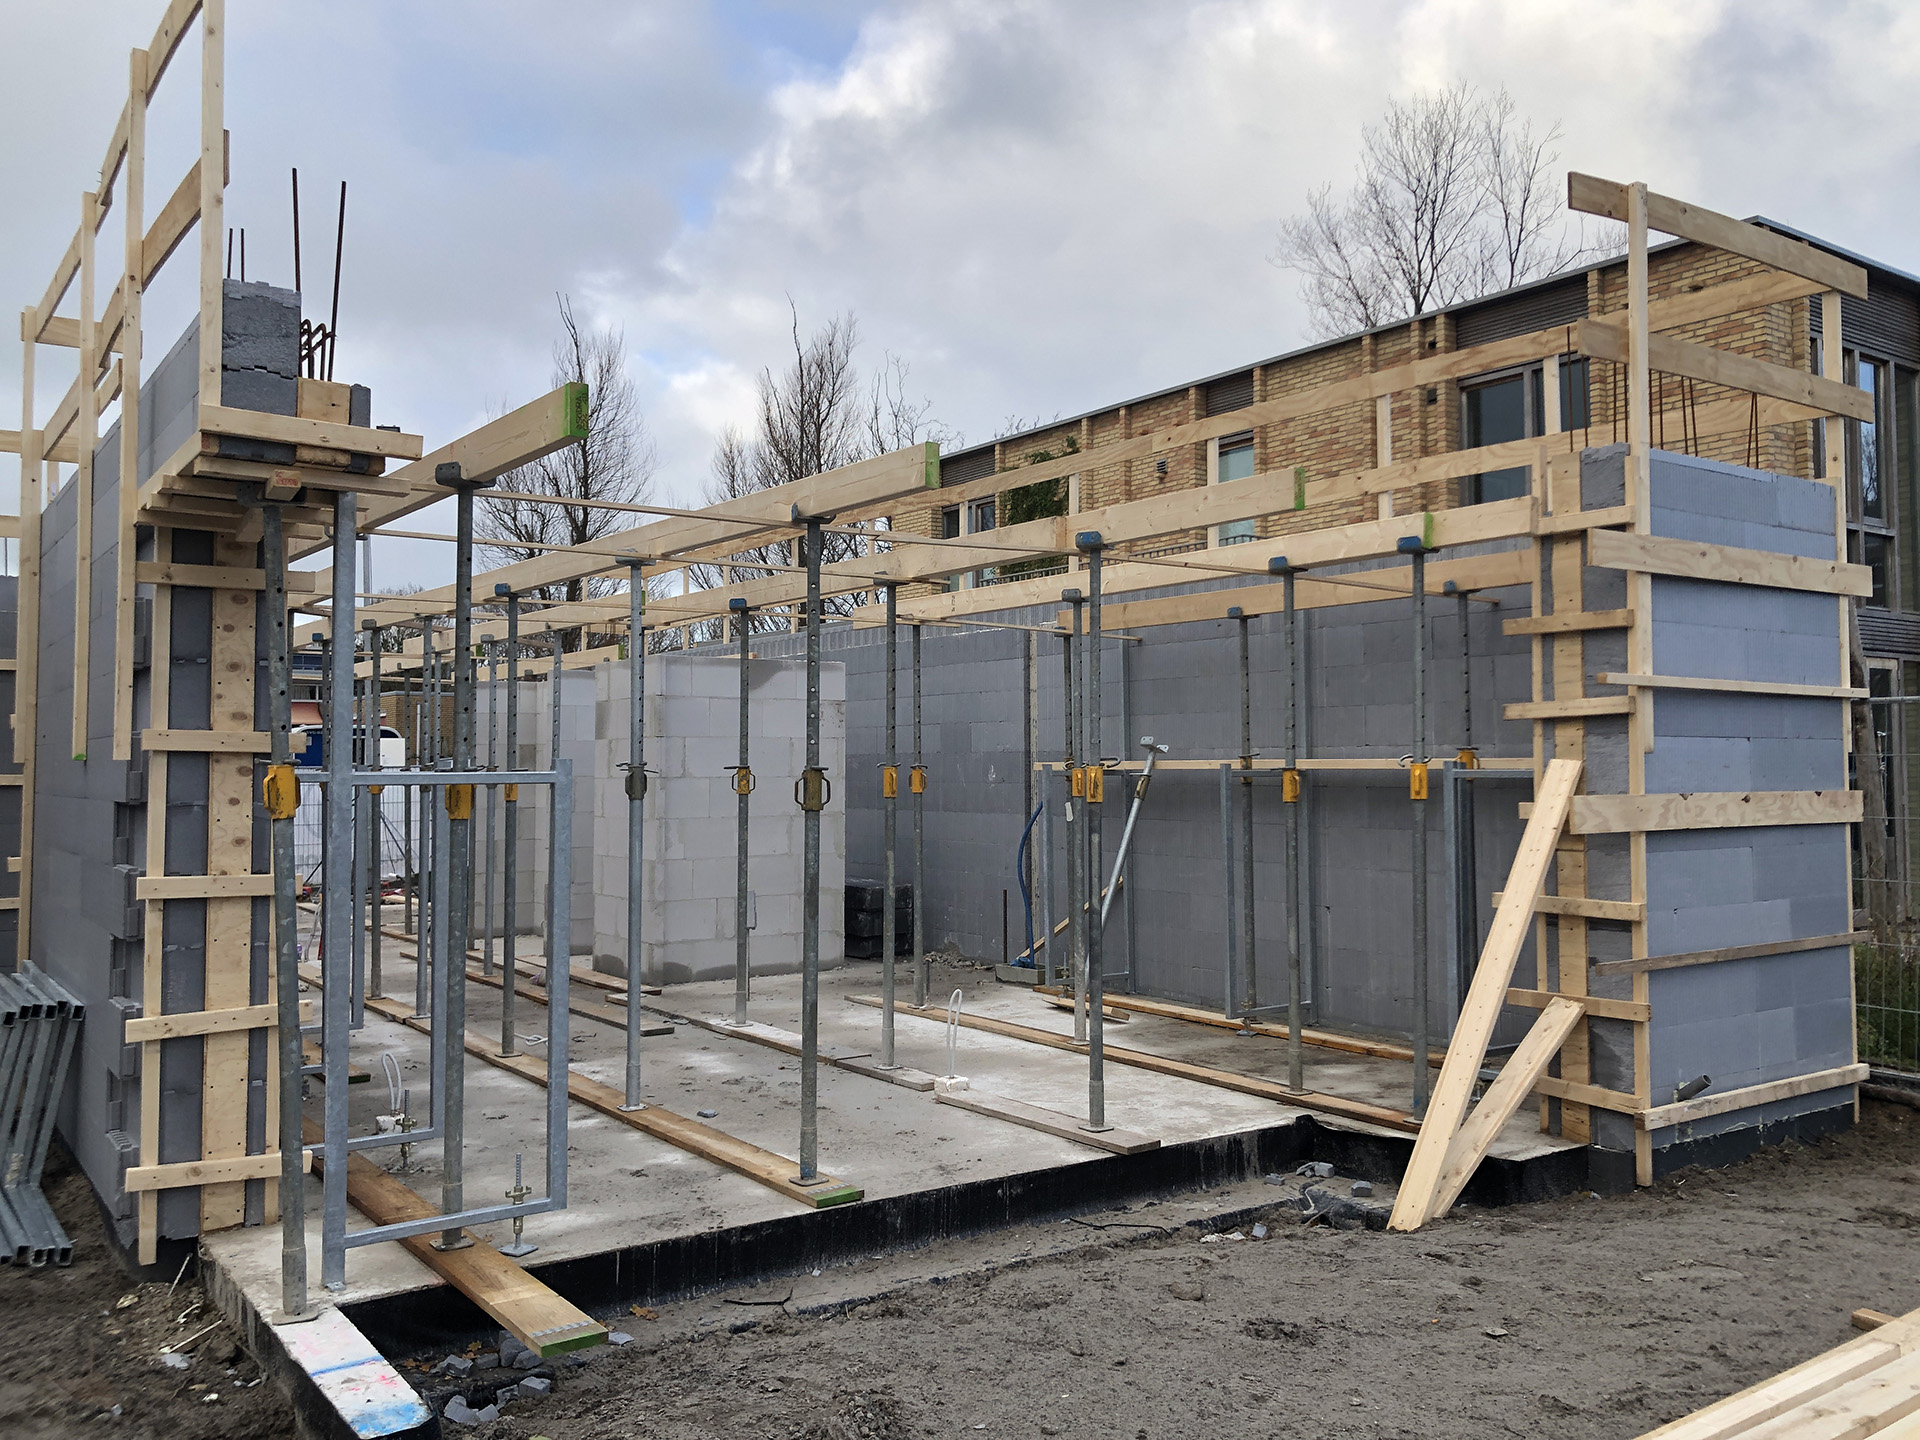 Energieneutrale woning in Kijkduin in uitvoering